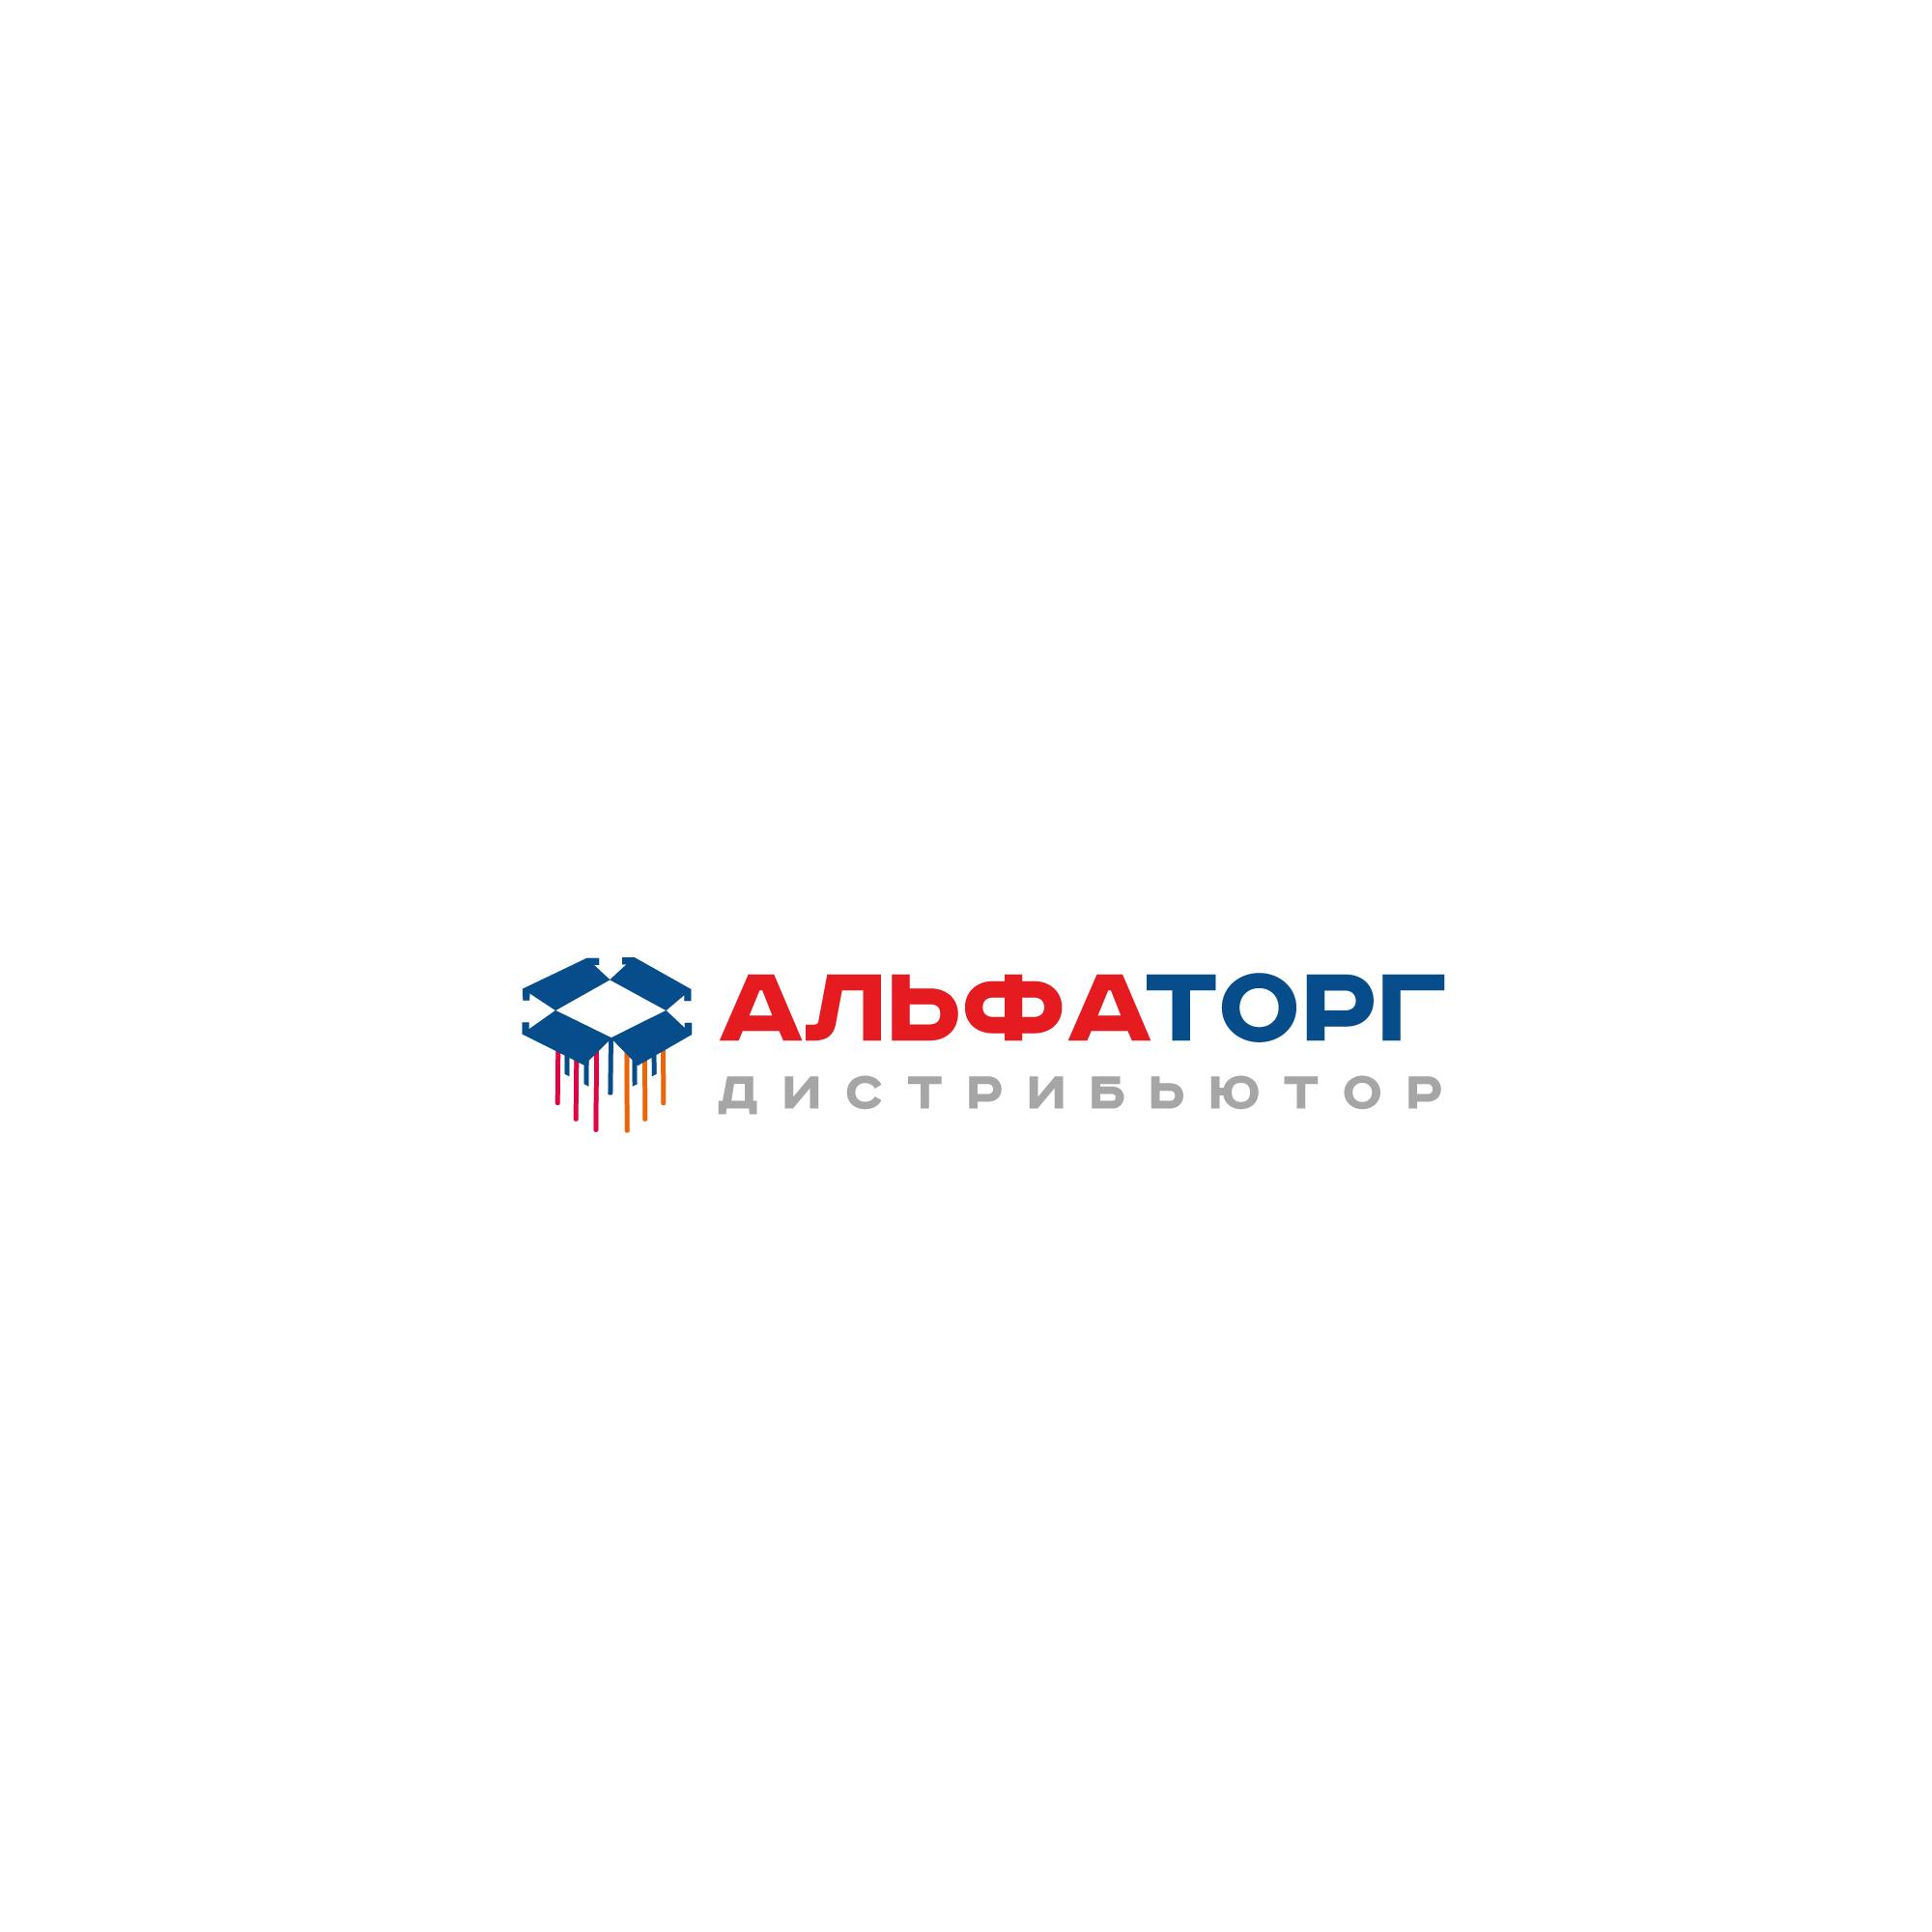 Логотип и фирменный стиль фото f_0815f030108a8b99.jpg